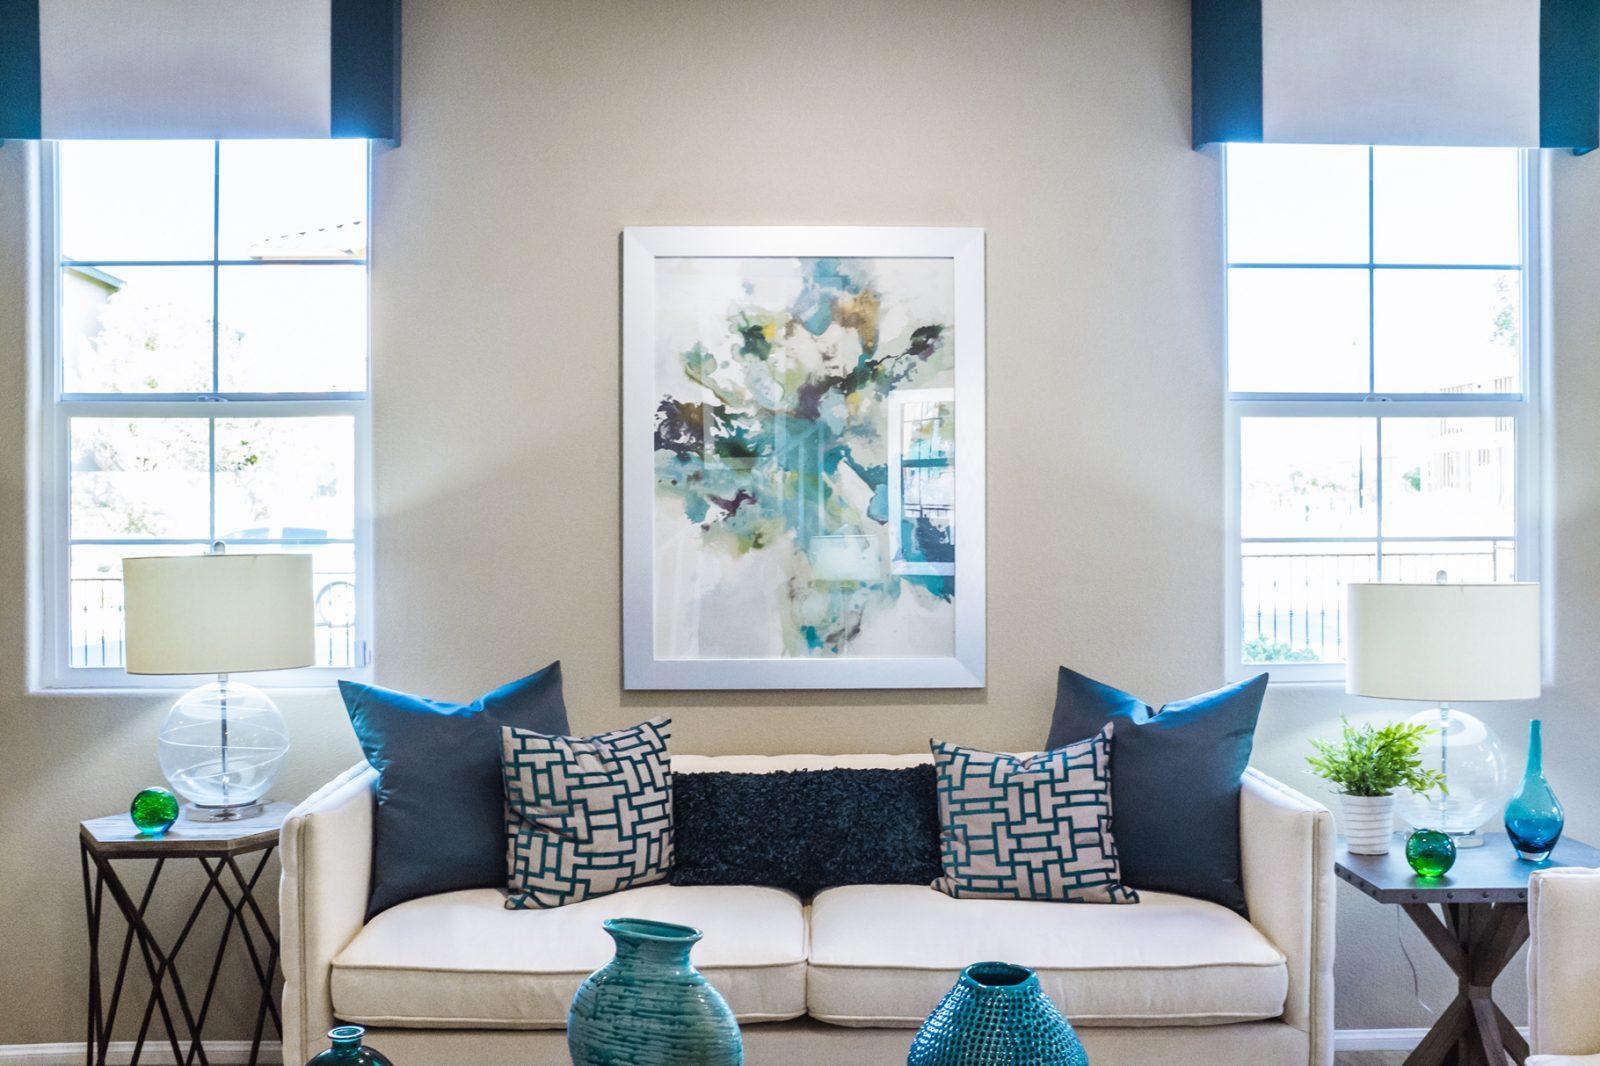 fotografía de una comedor dónde se ve una sillón en el centro beige, y por detrás una ventana en cada lado por dónde entra una luz que inunda el comedor